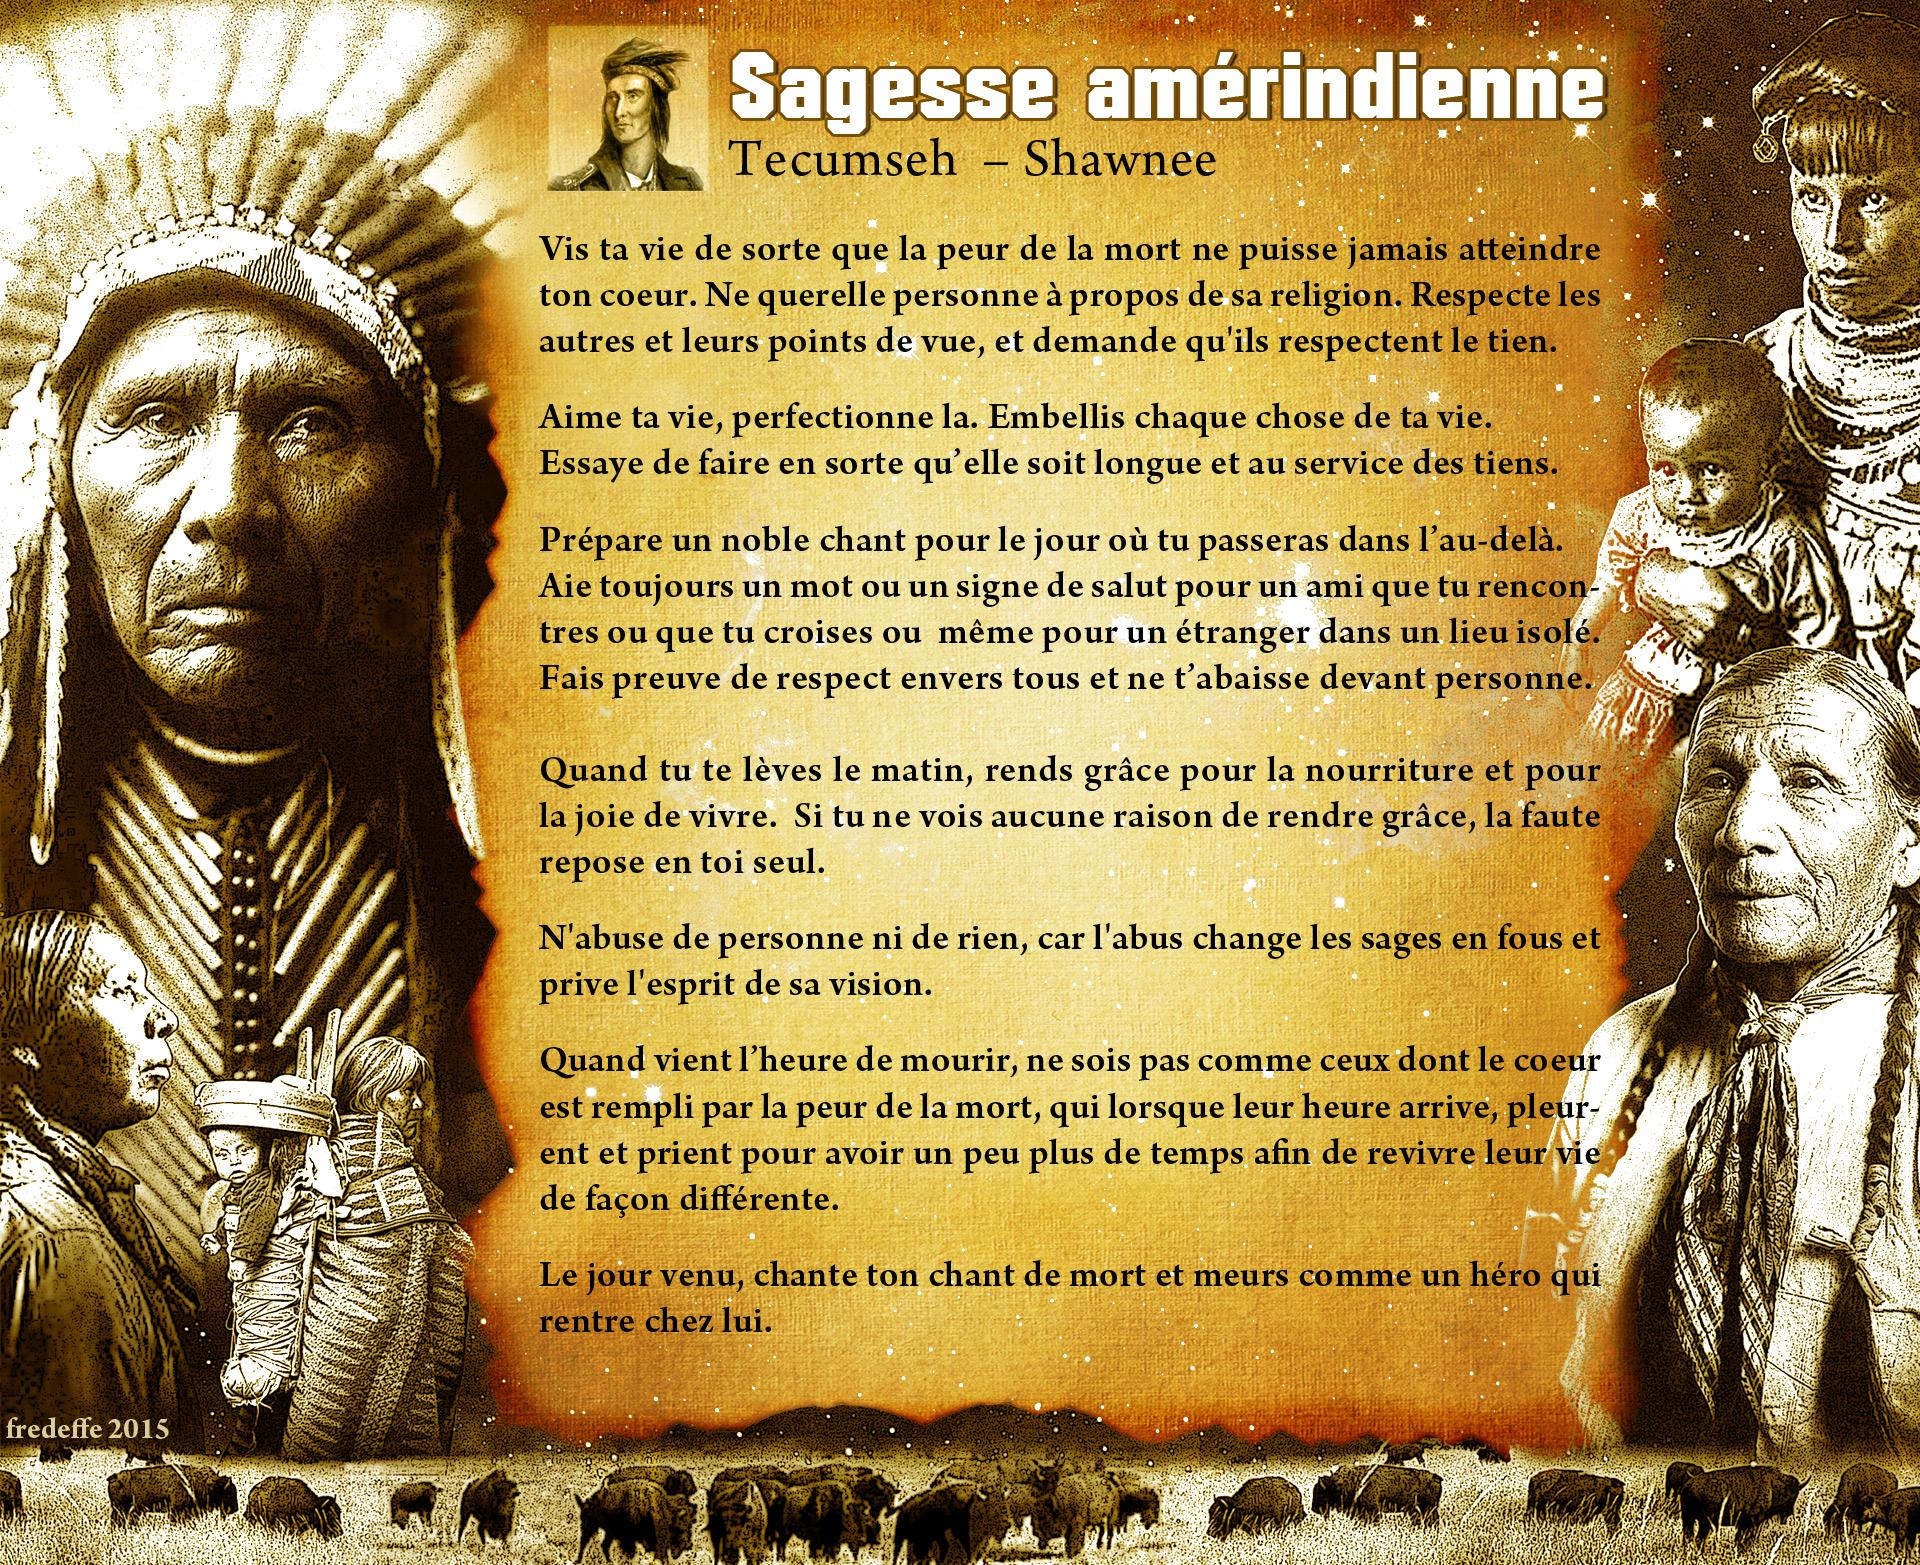 Célèbre Sagesse amérindienne : Tecumseh, le jaguar celeste et petite  WT09